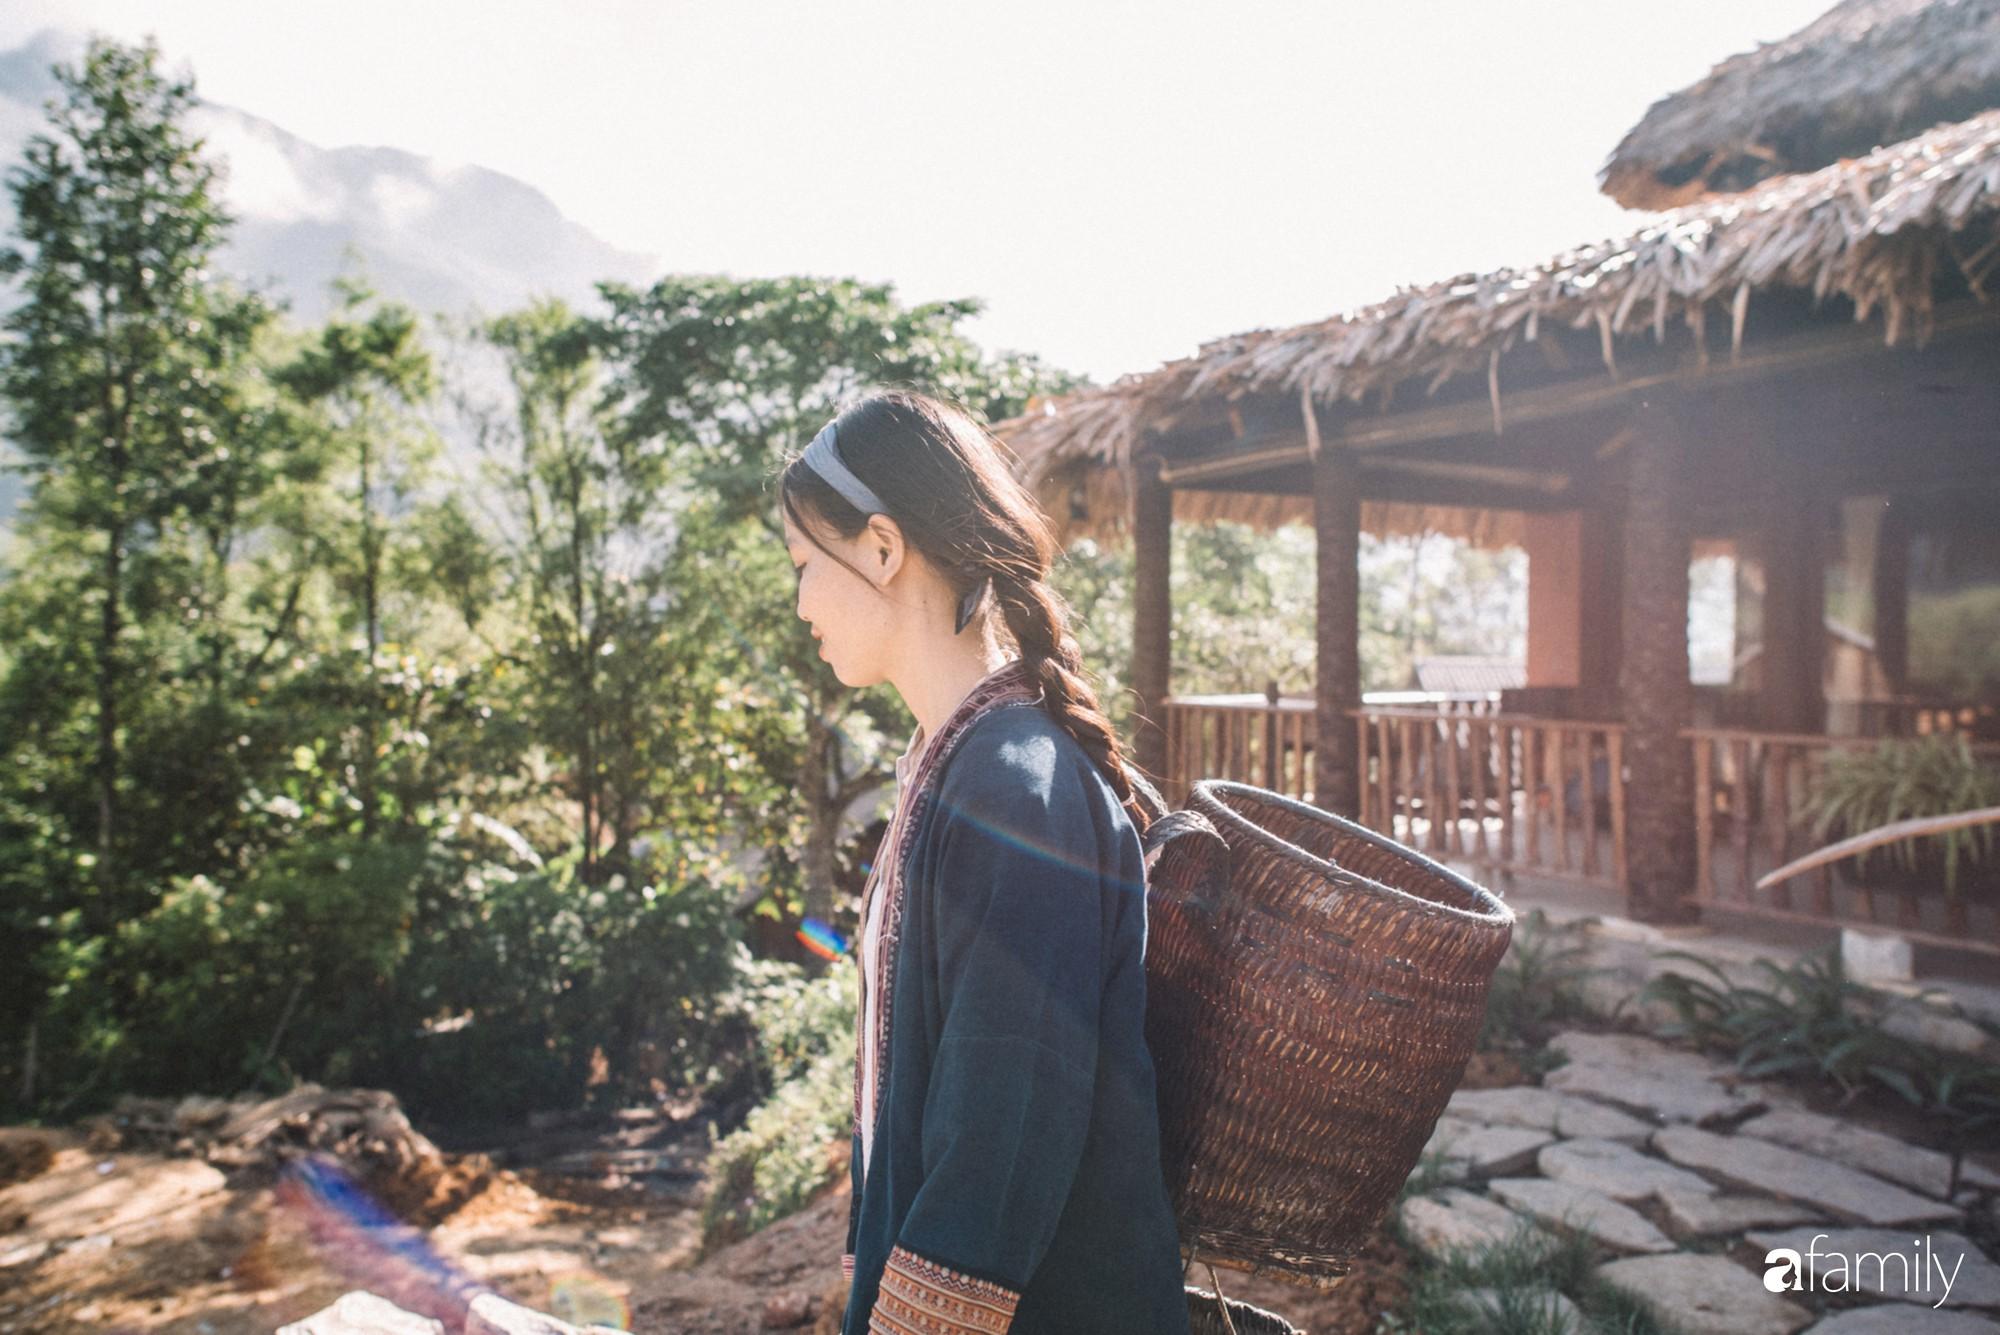 Cô designer bỏ Hà Nội lên rừng ẩn cư, ăn chay, lưu giữ thanh xuân rực rỡ qua những clip mỹ thực vạn người mê - Ảnh 13.